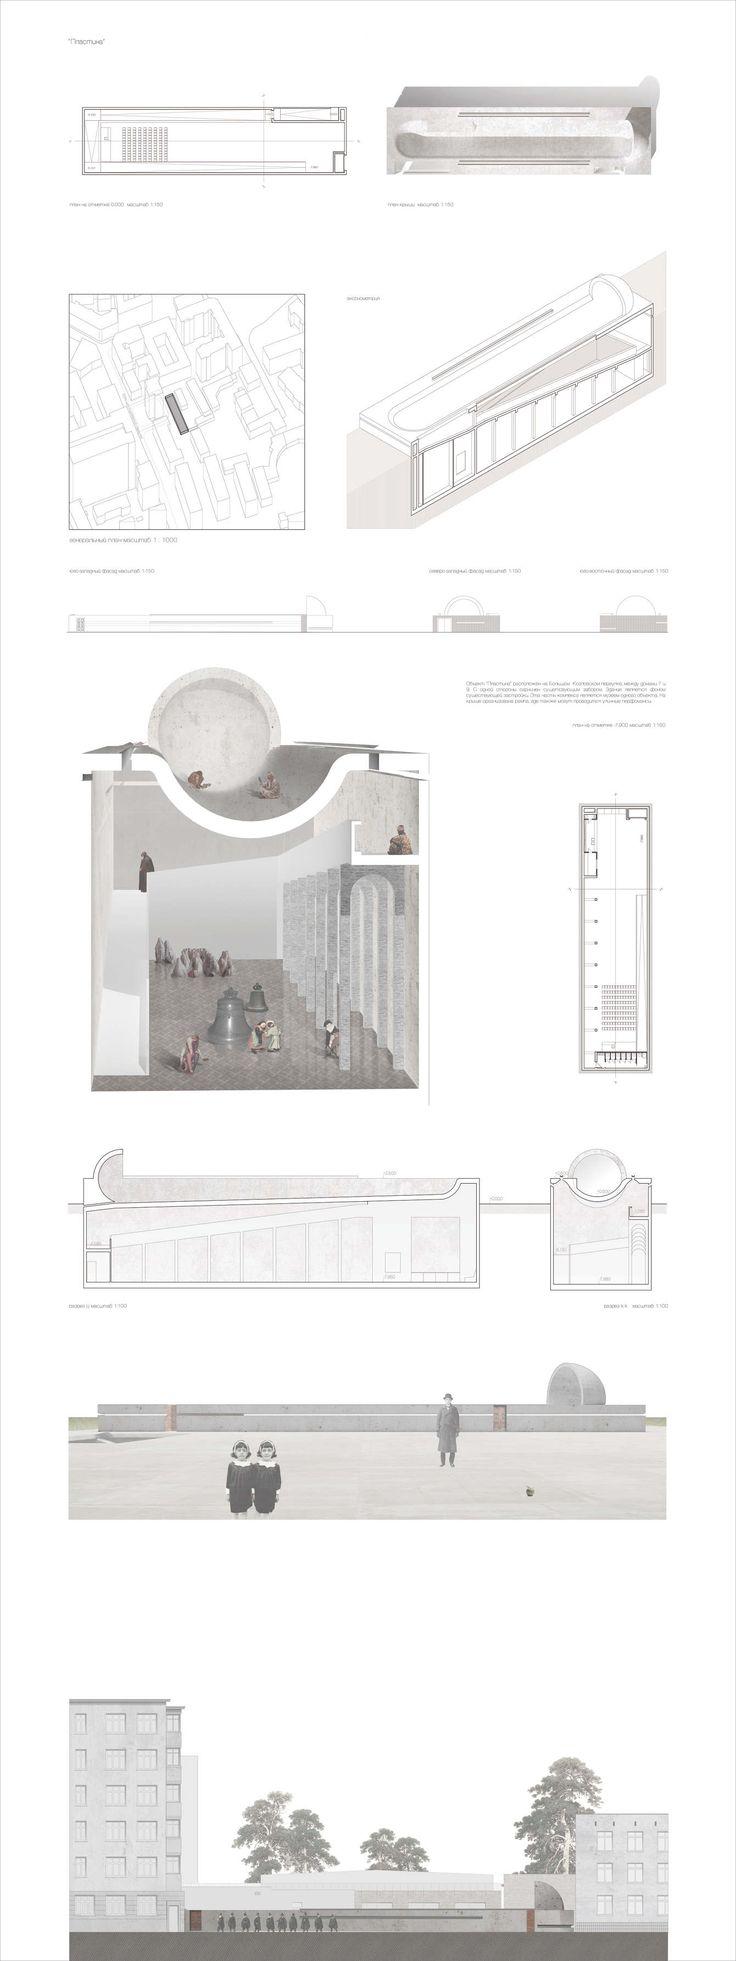 best plans sections images architectural  Дипломный проект soft culture